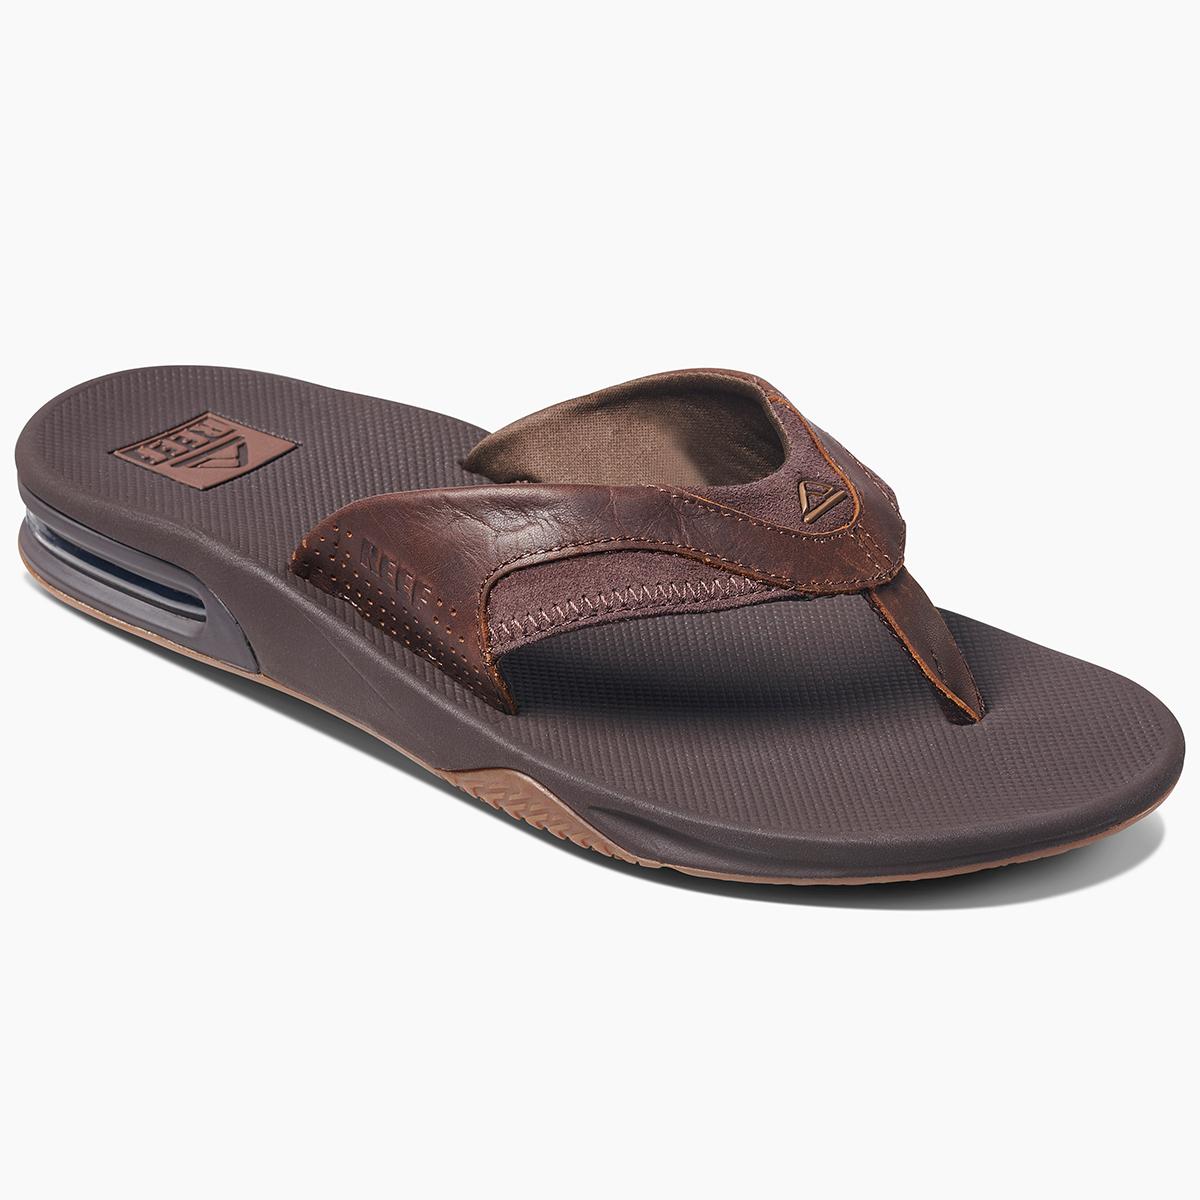 Reef Men's Fanning Flip-Flops - Brown, 11